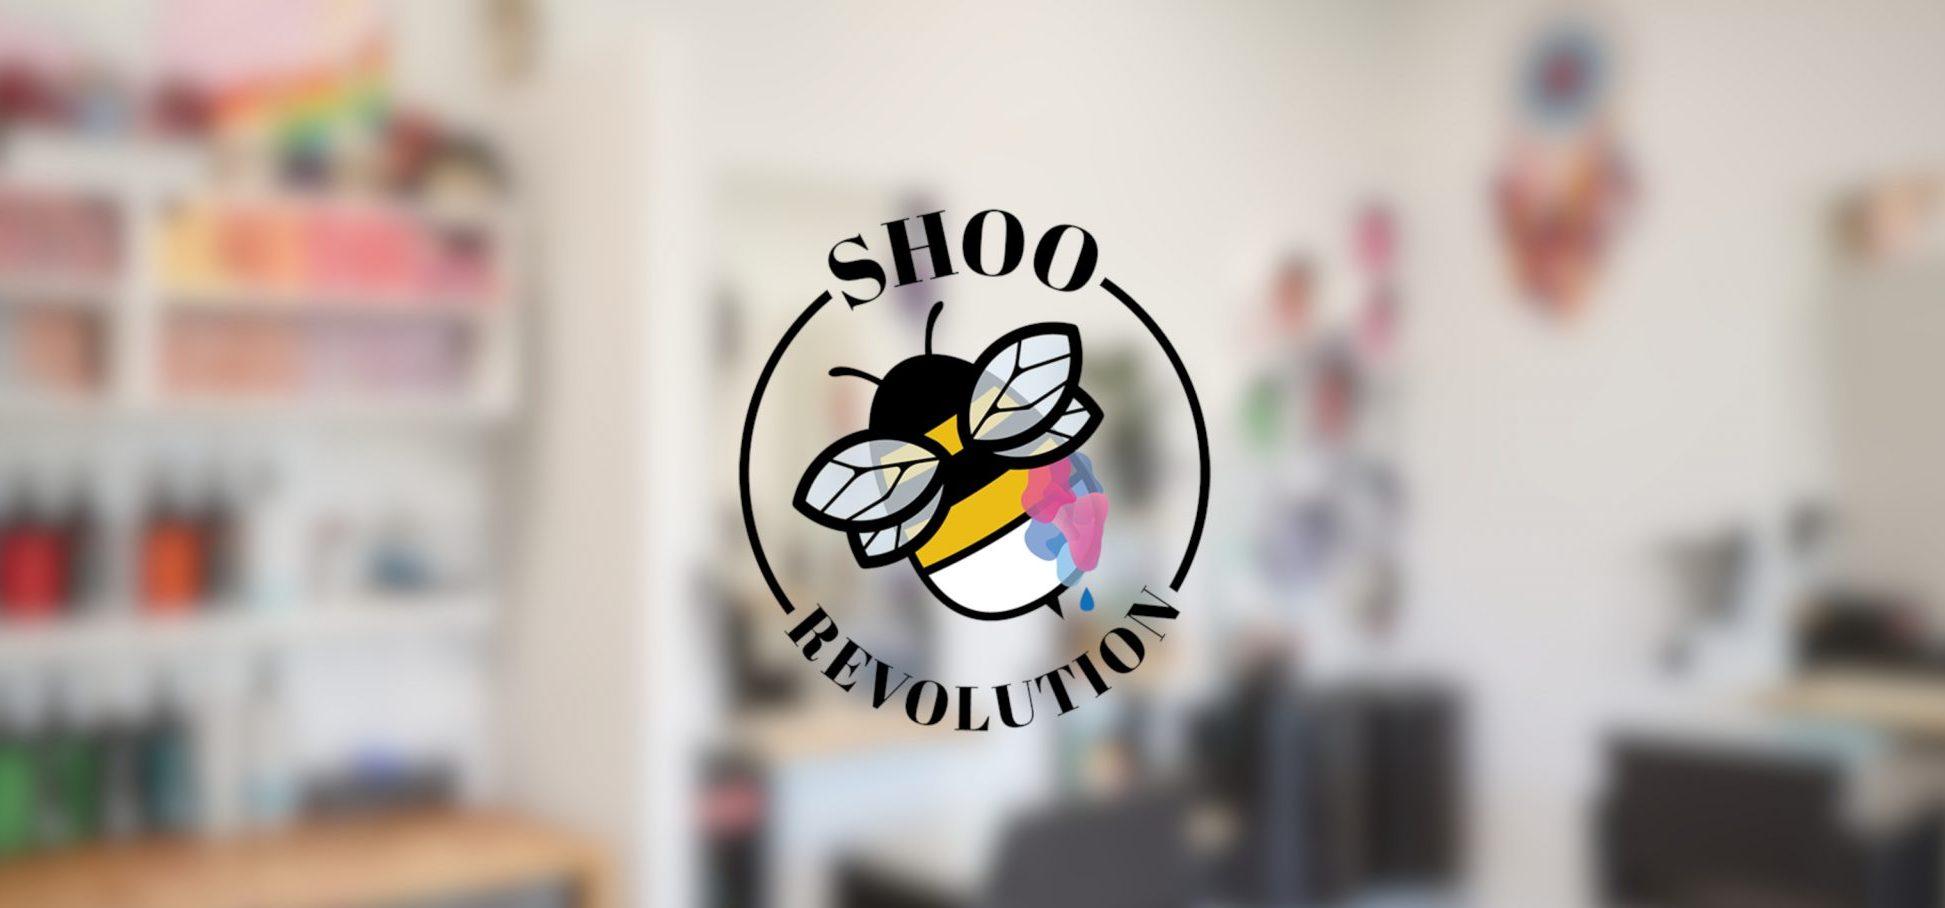 Shoo Revolution